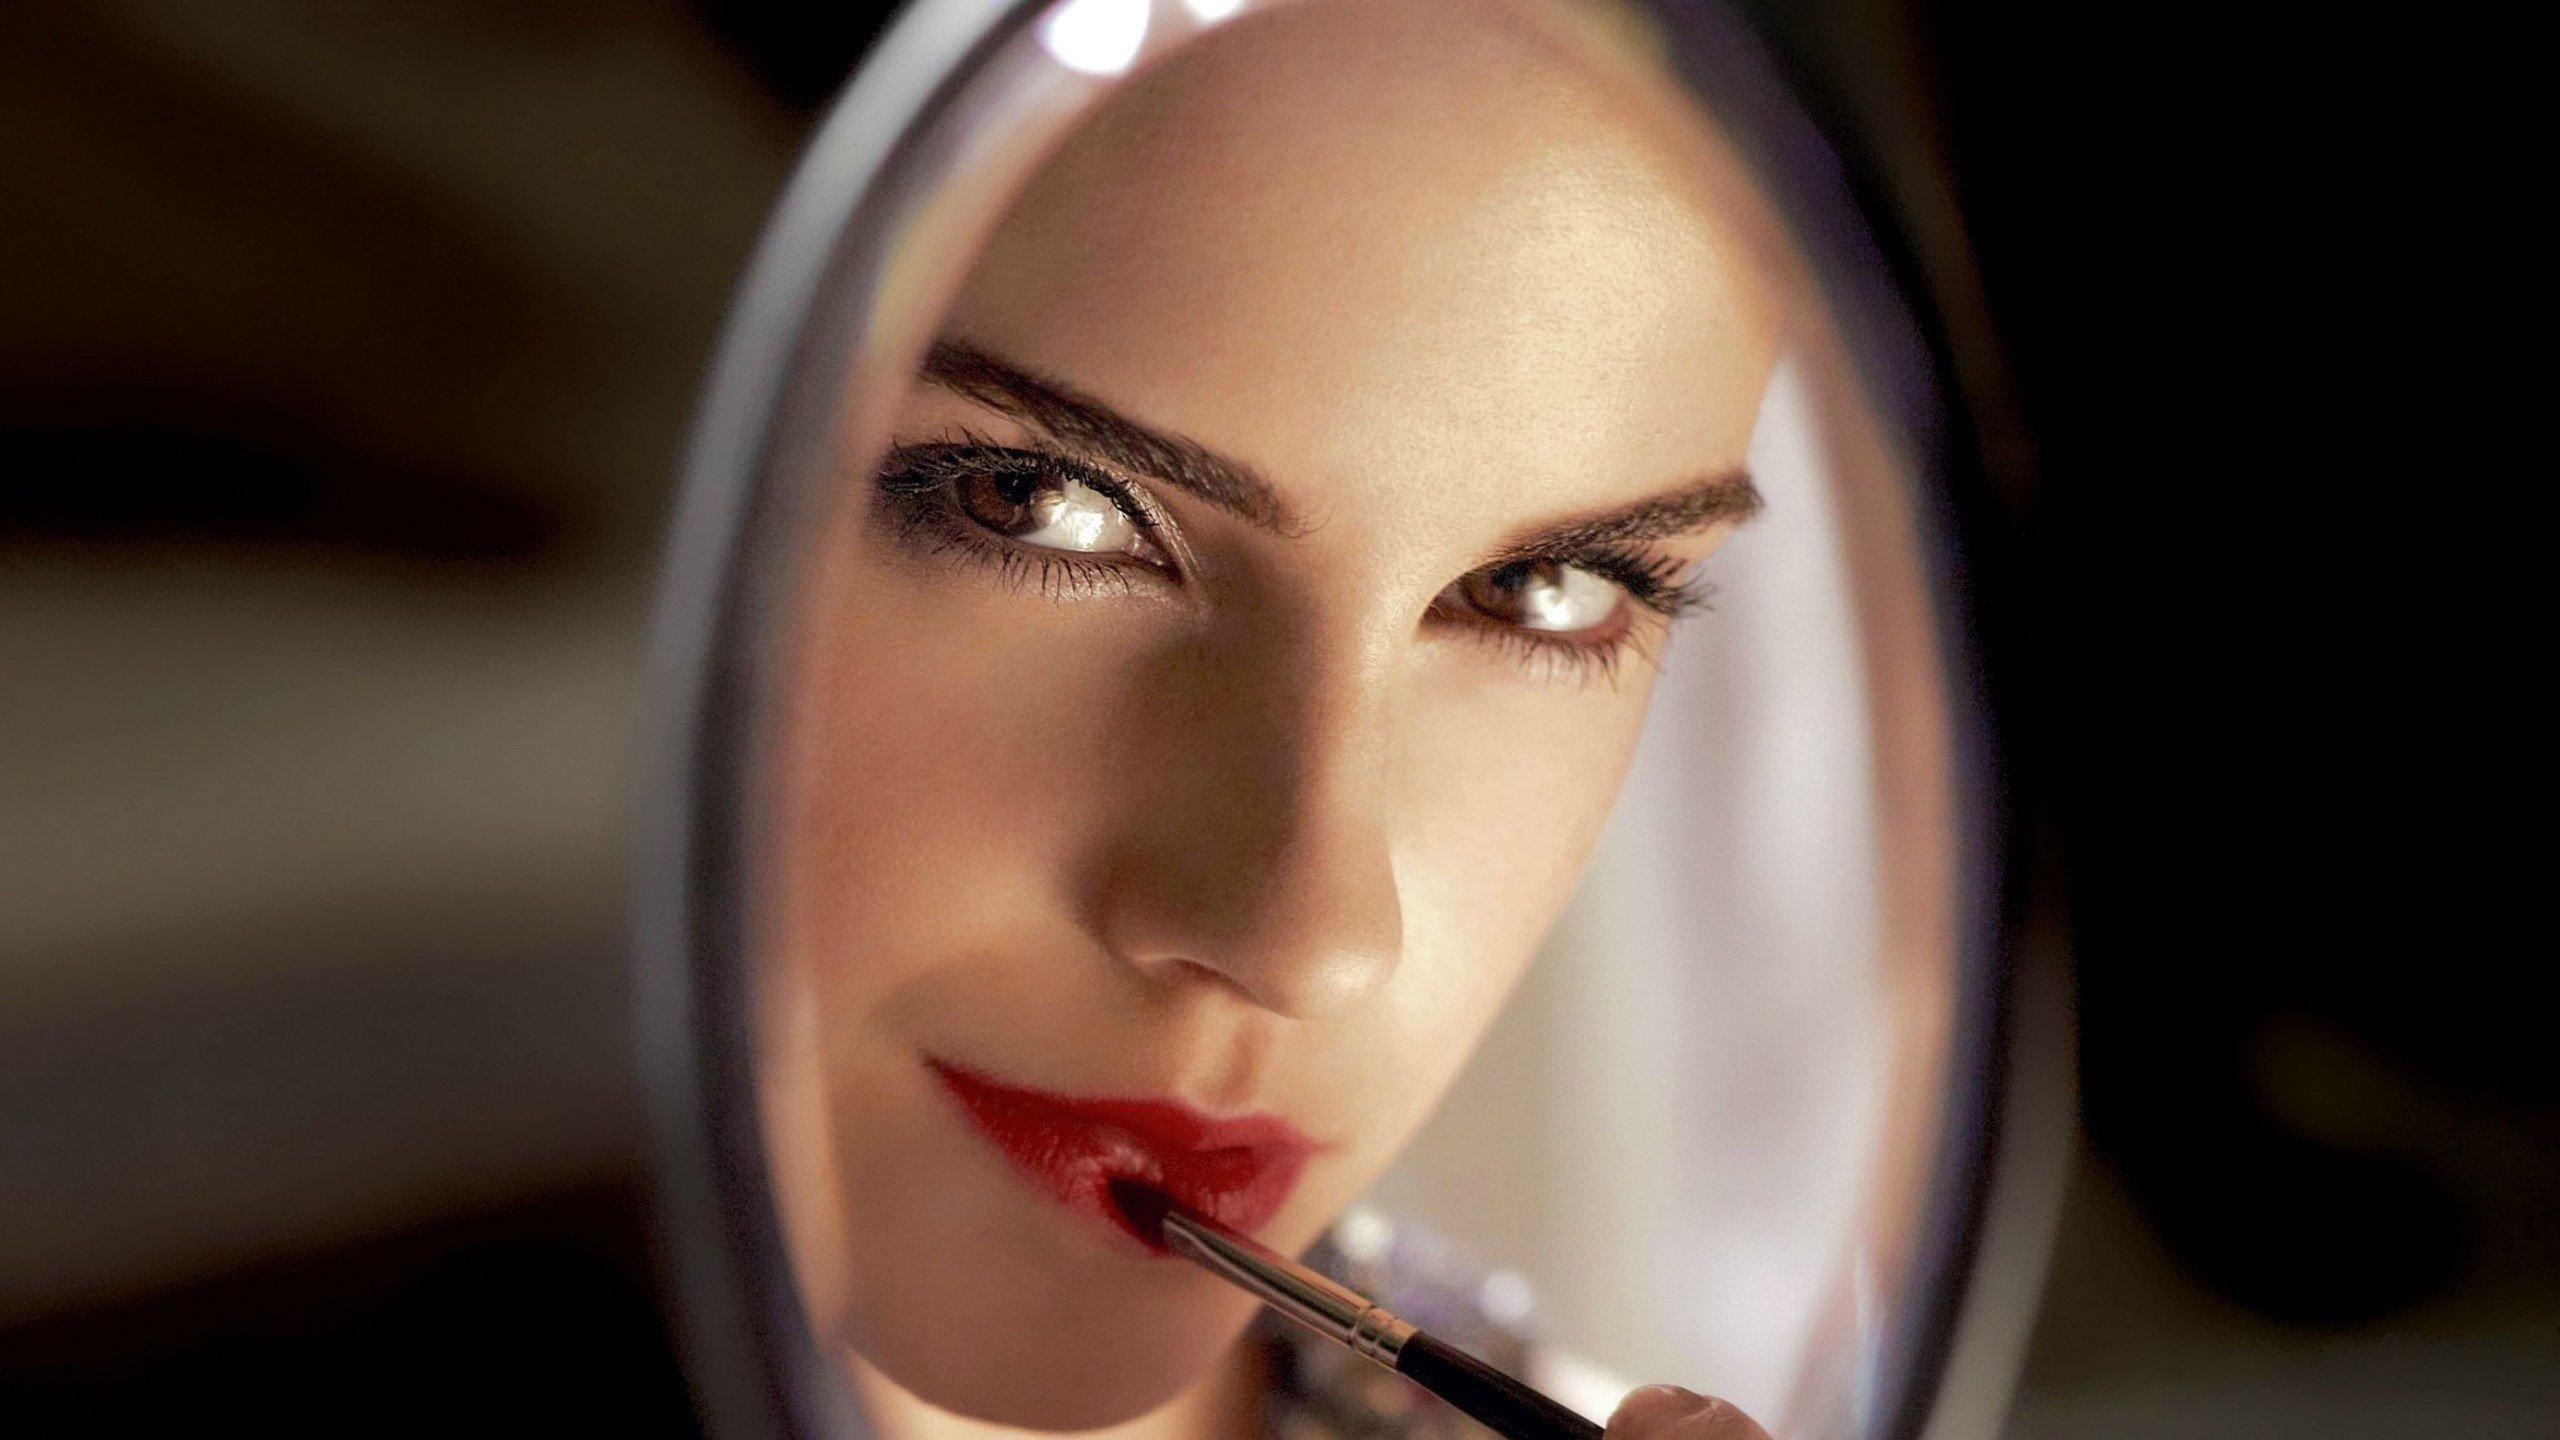 Fondos de pantalla Emma Watson en un espejo